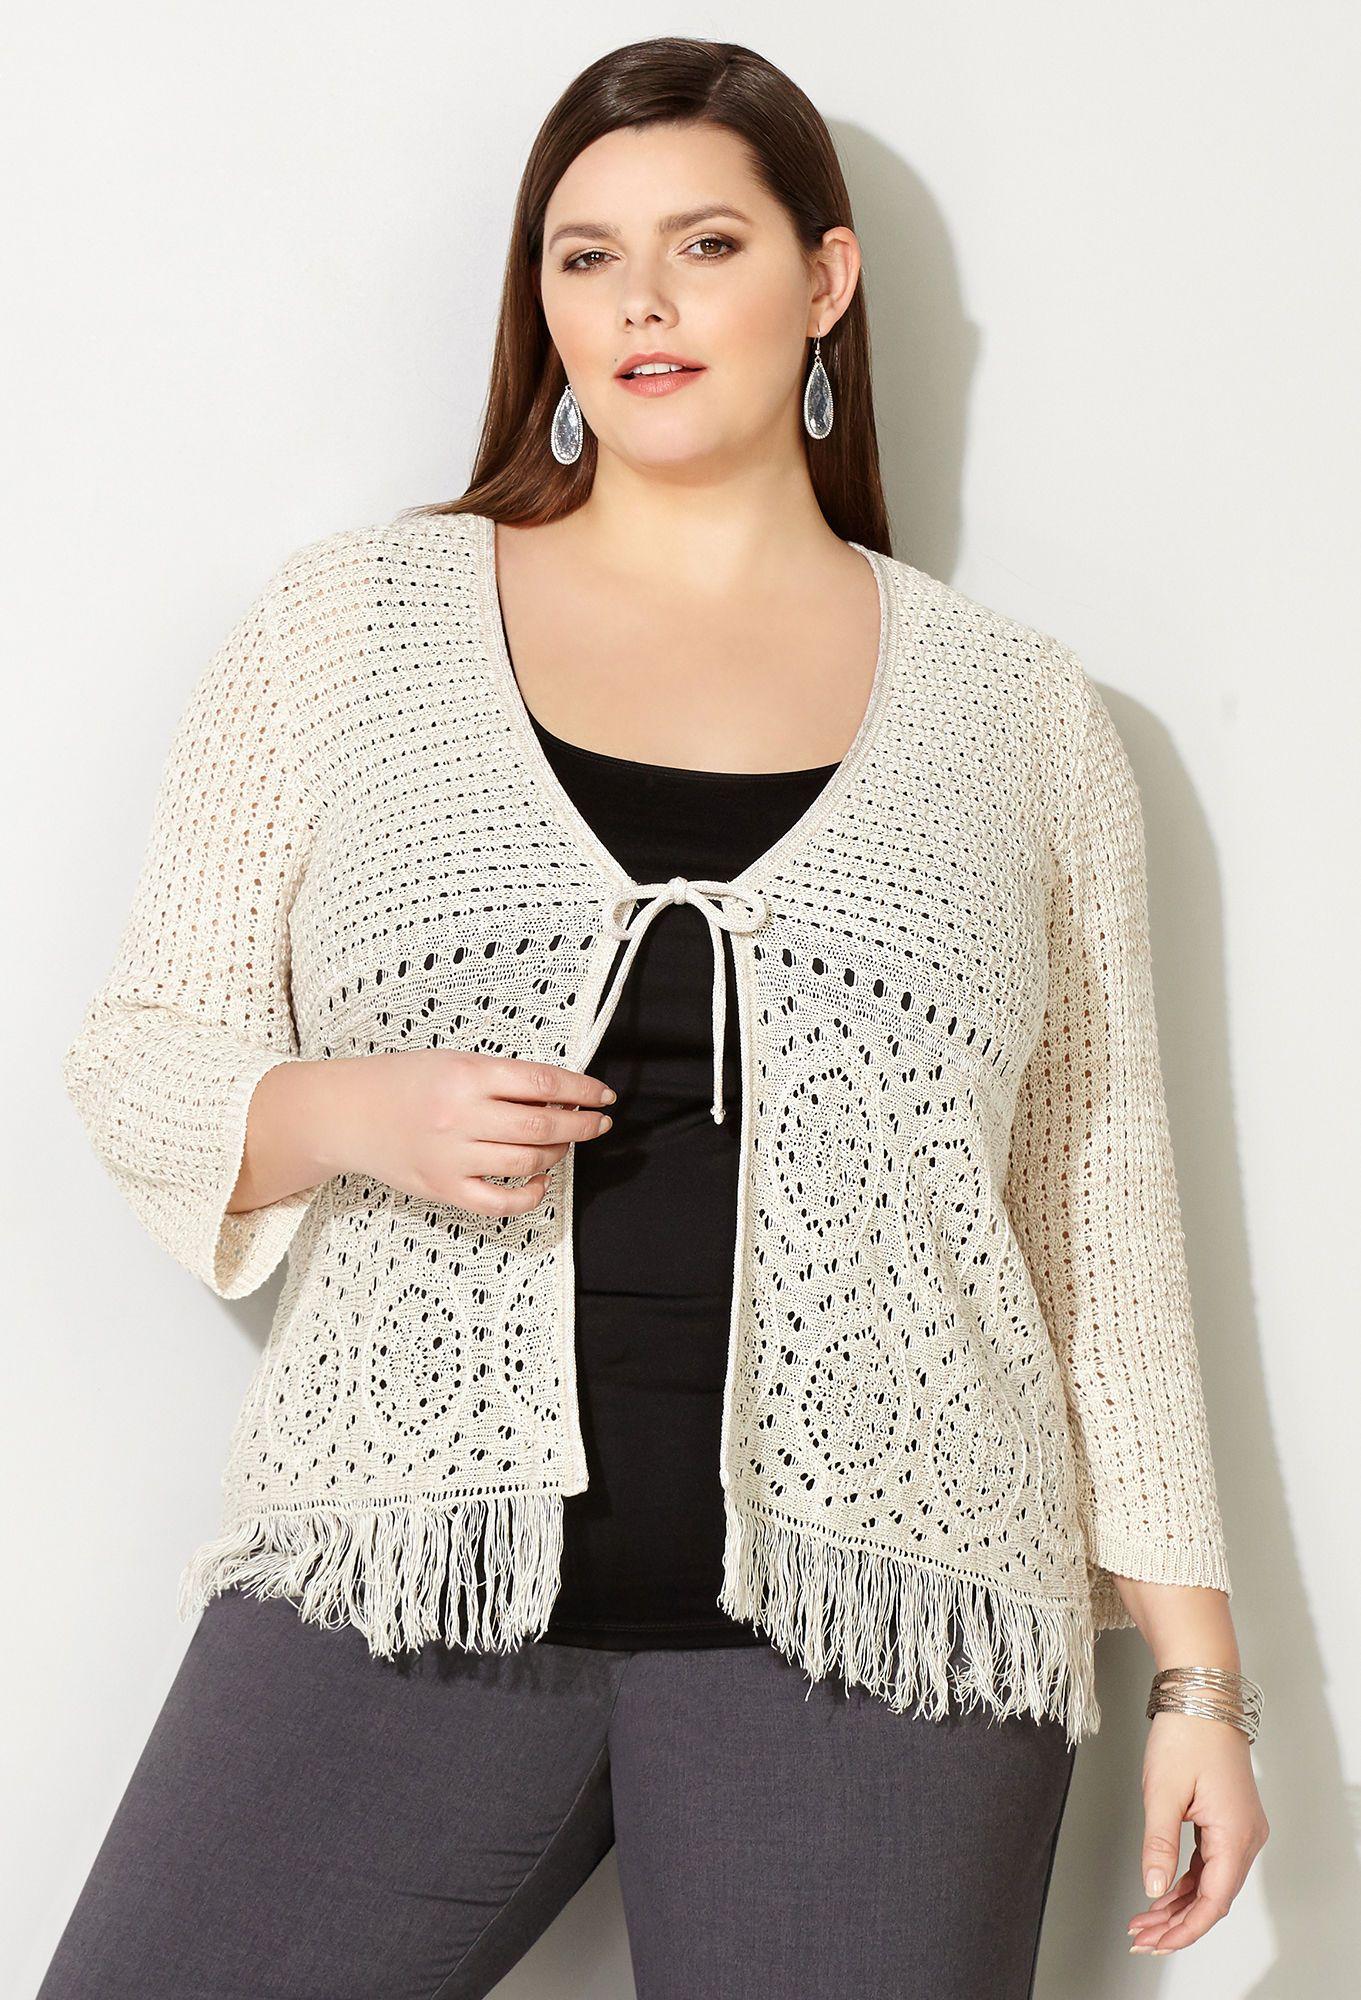 387351e8939e Circle Crochet Shrug - Avenue Crochet Cardigan, Plus Size Tops, Plus Size  Fashion,